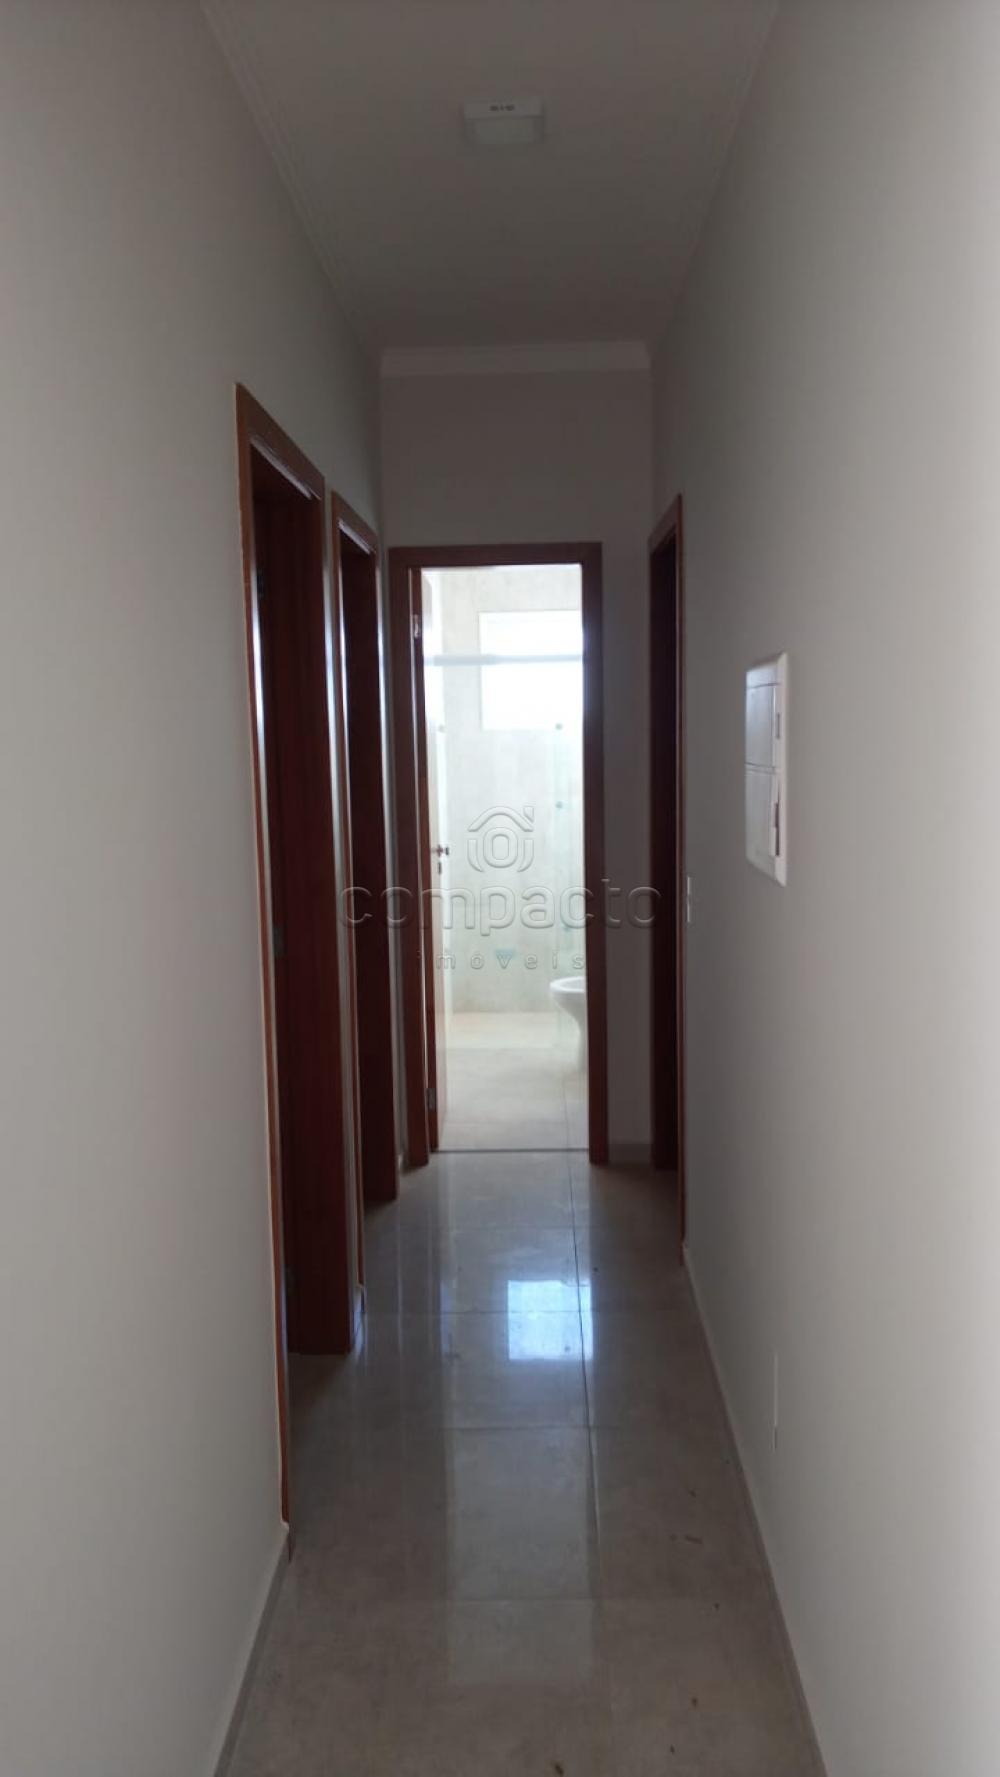 Comprar Apartamento / Padrão em São José do Rio Preto apenas R$ 470.000,00 - Foto 5